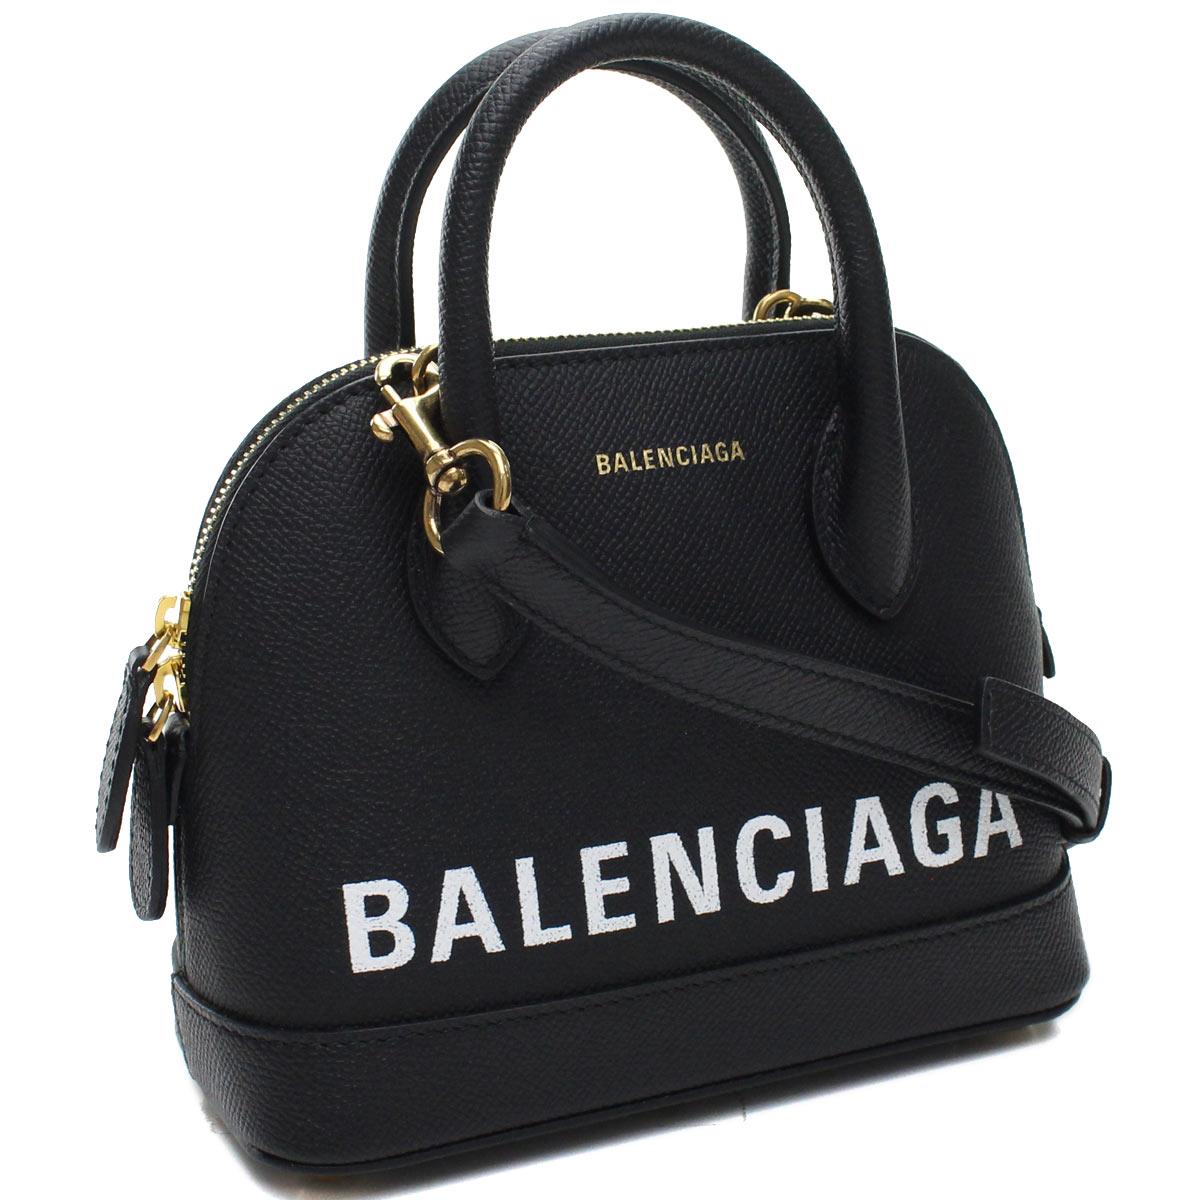 バレンシアガ BALENCIAGA VILLE ヴィル トップハンドル XXS 2way ハンドバッグ 550646 0OTDM 1000 ブラック レディース